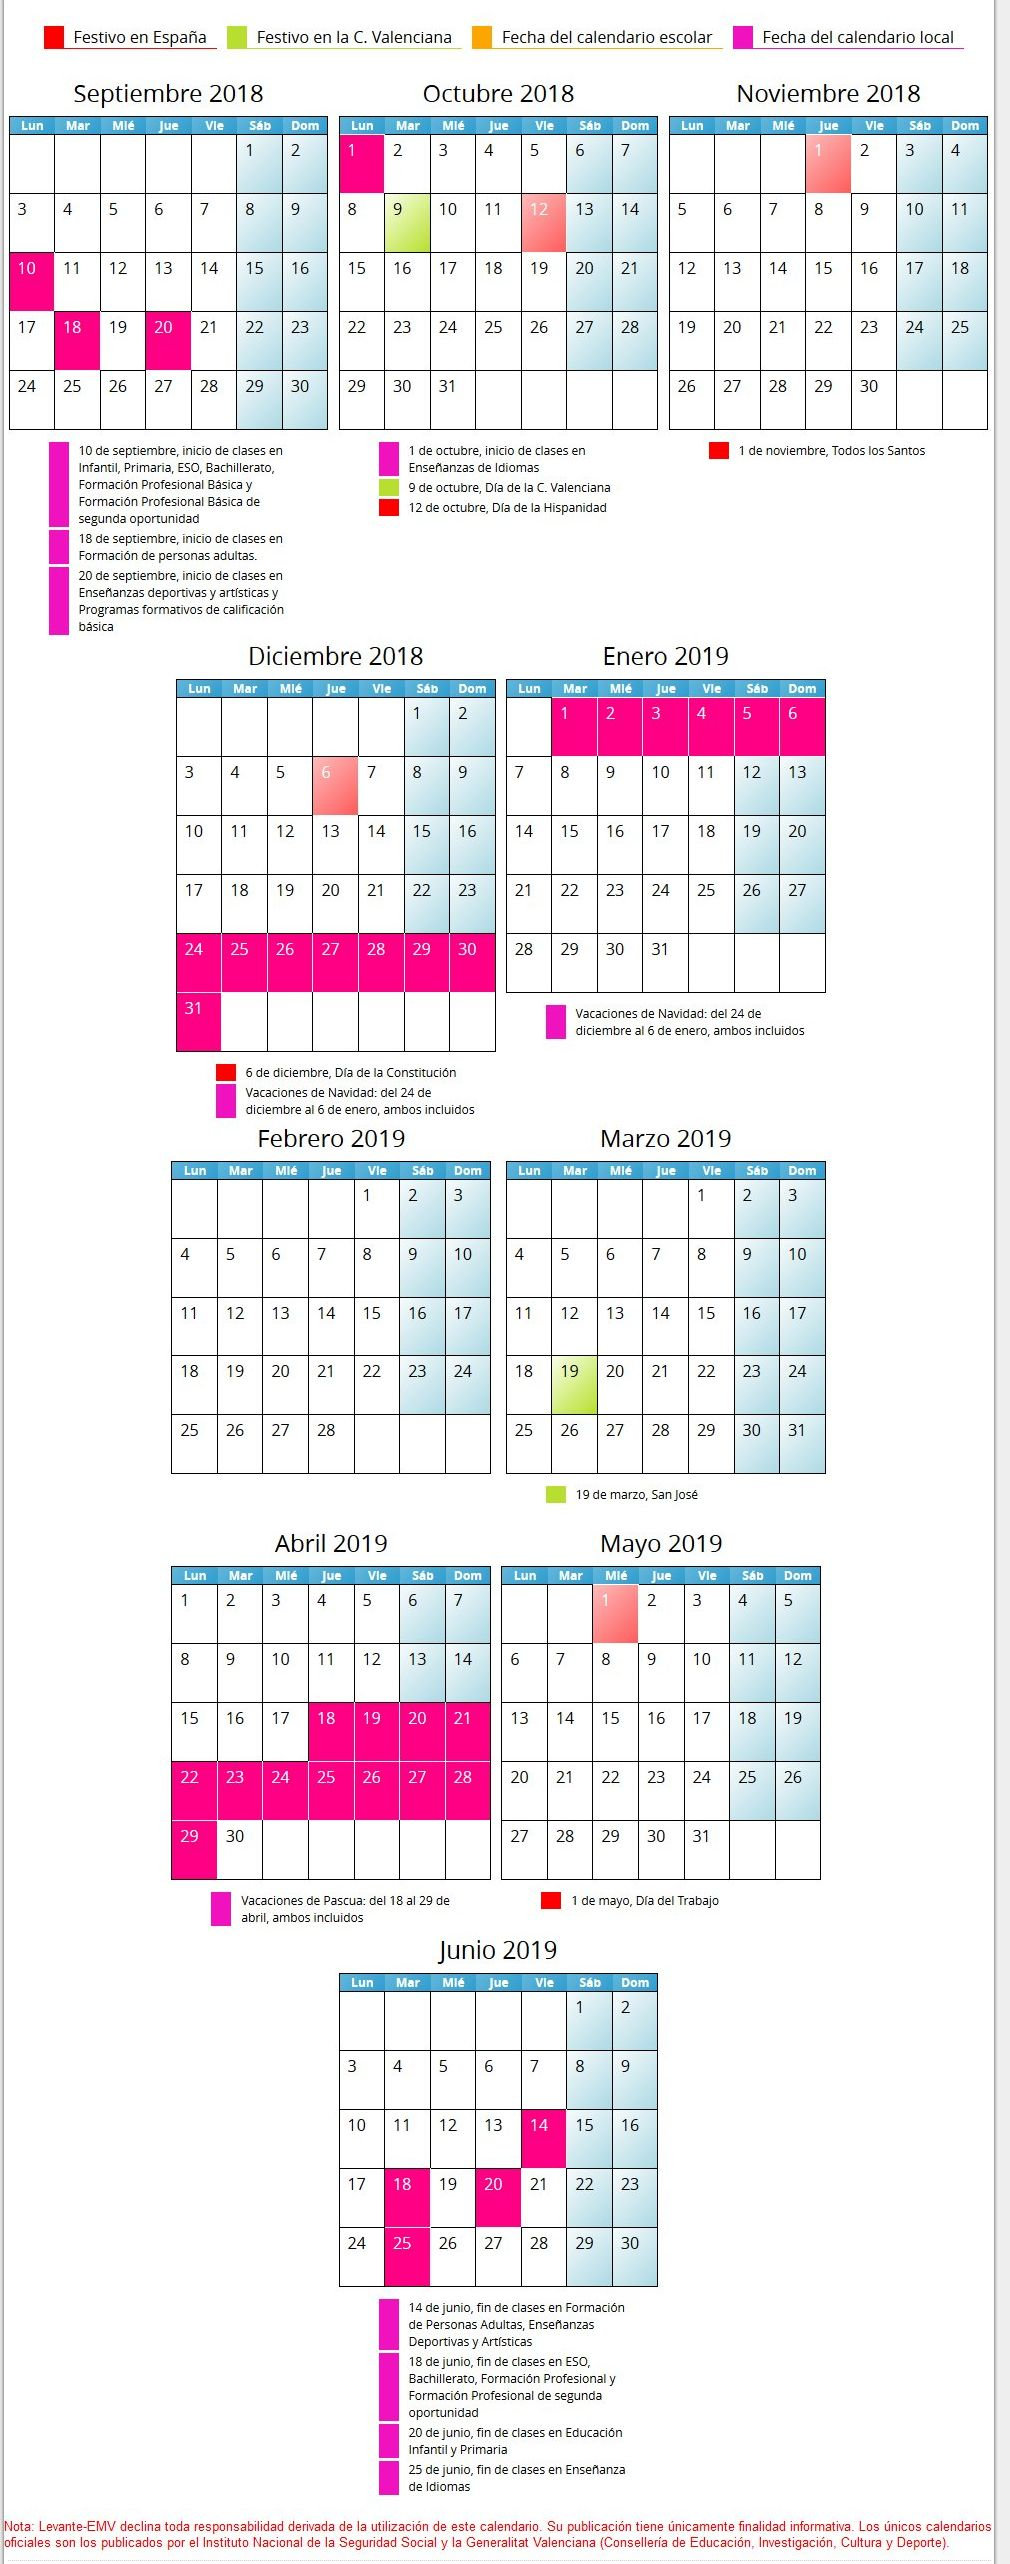 Calendario Valencia 2019.Calendario Escolar De La Comunidad Valenciana 2018 2019 Valencia